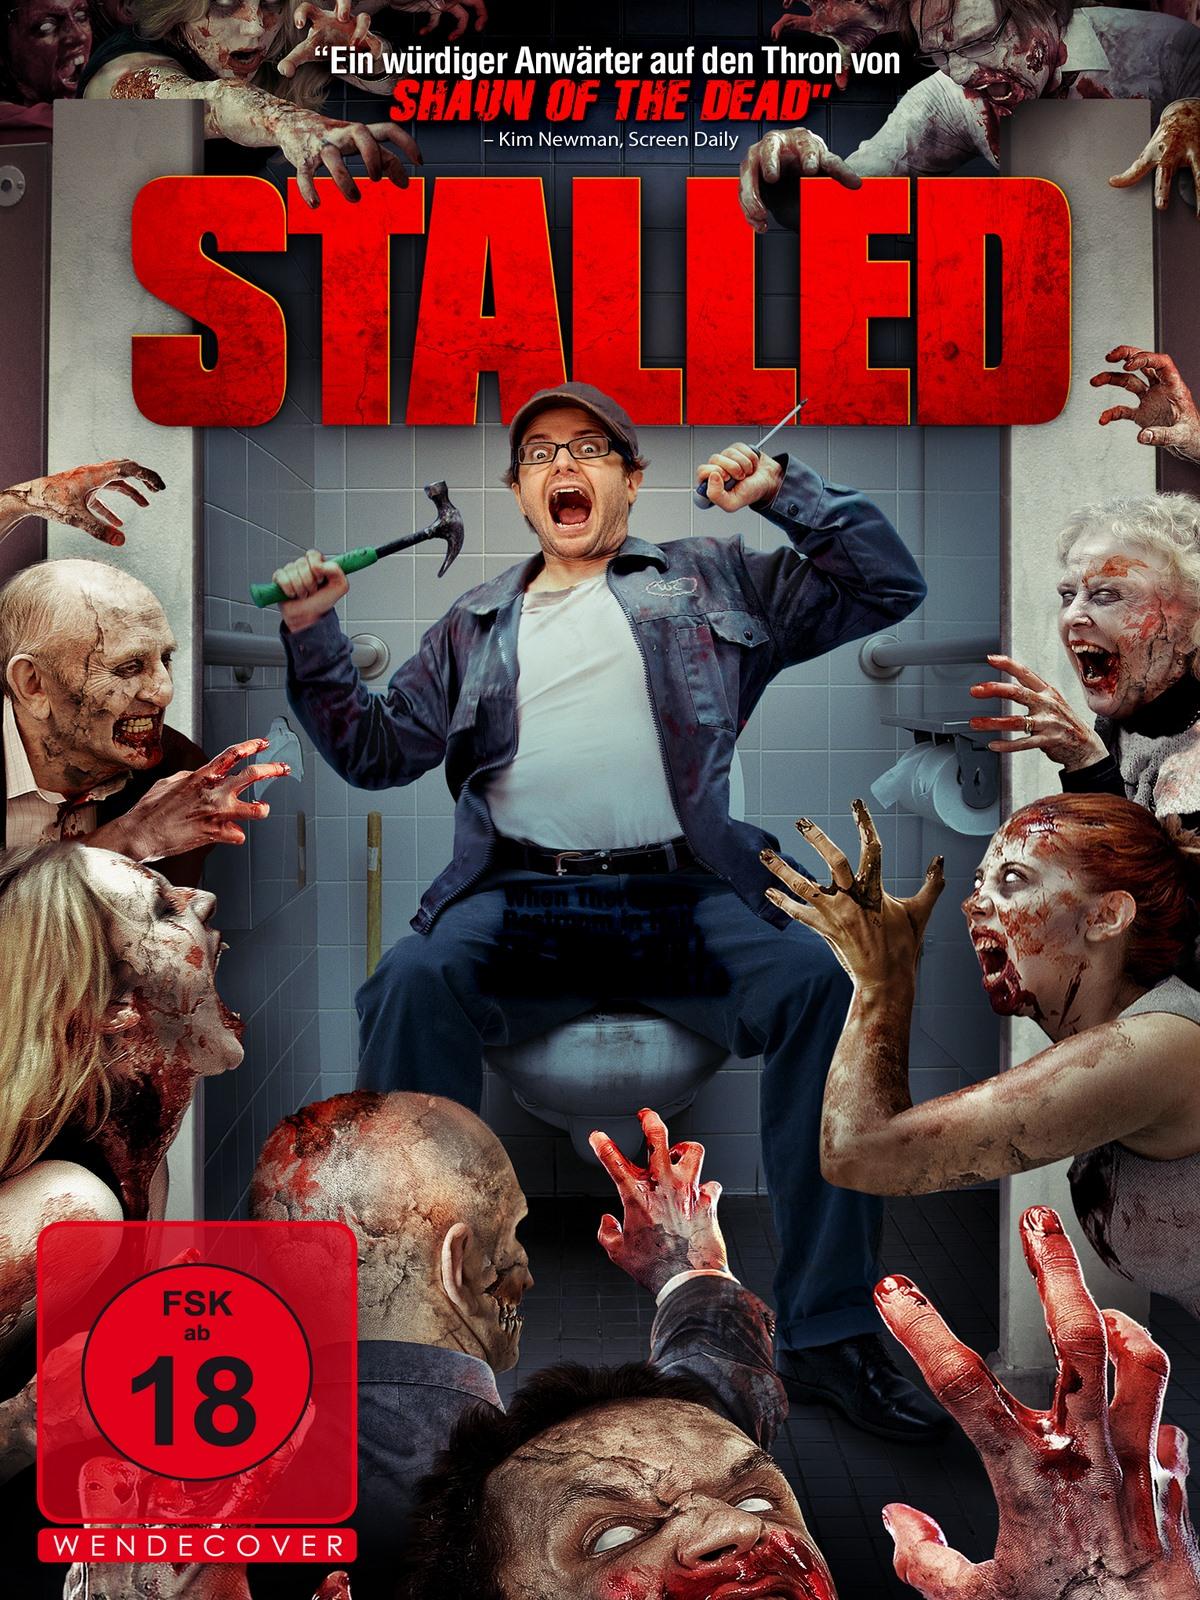 Horrorfilme 2013 2014